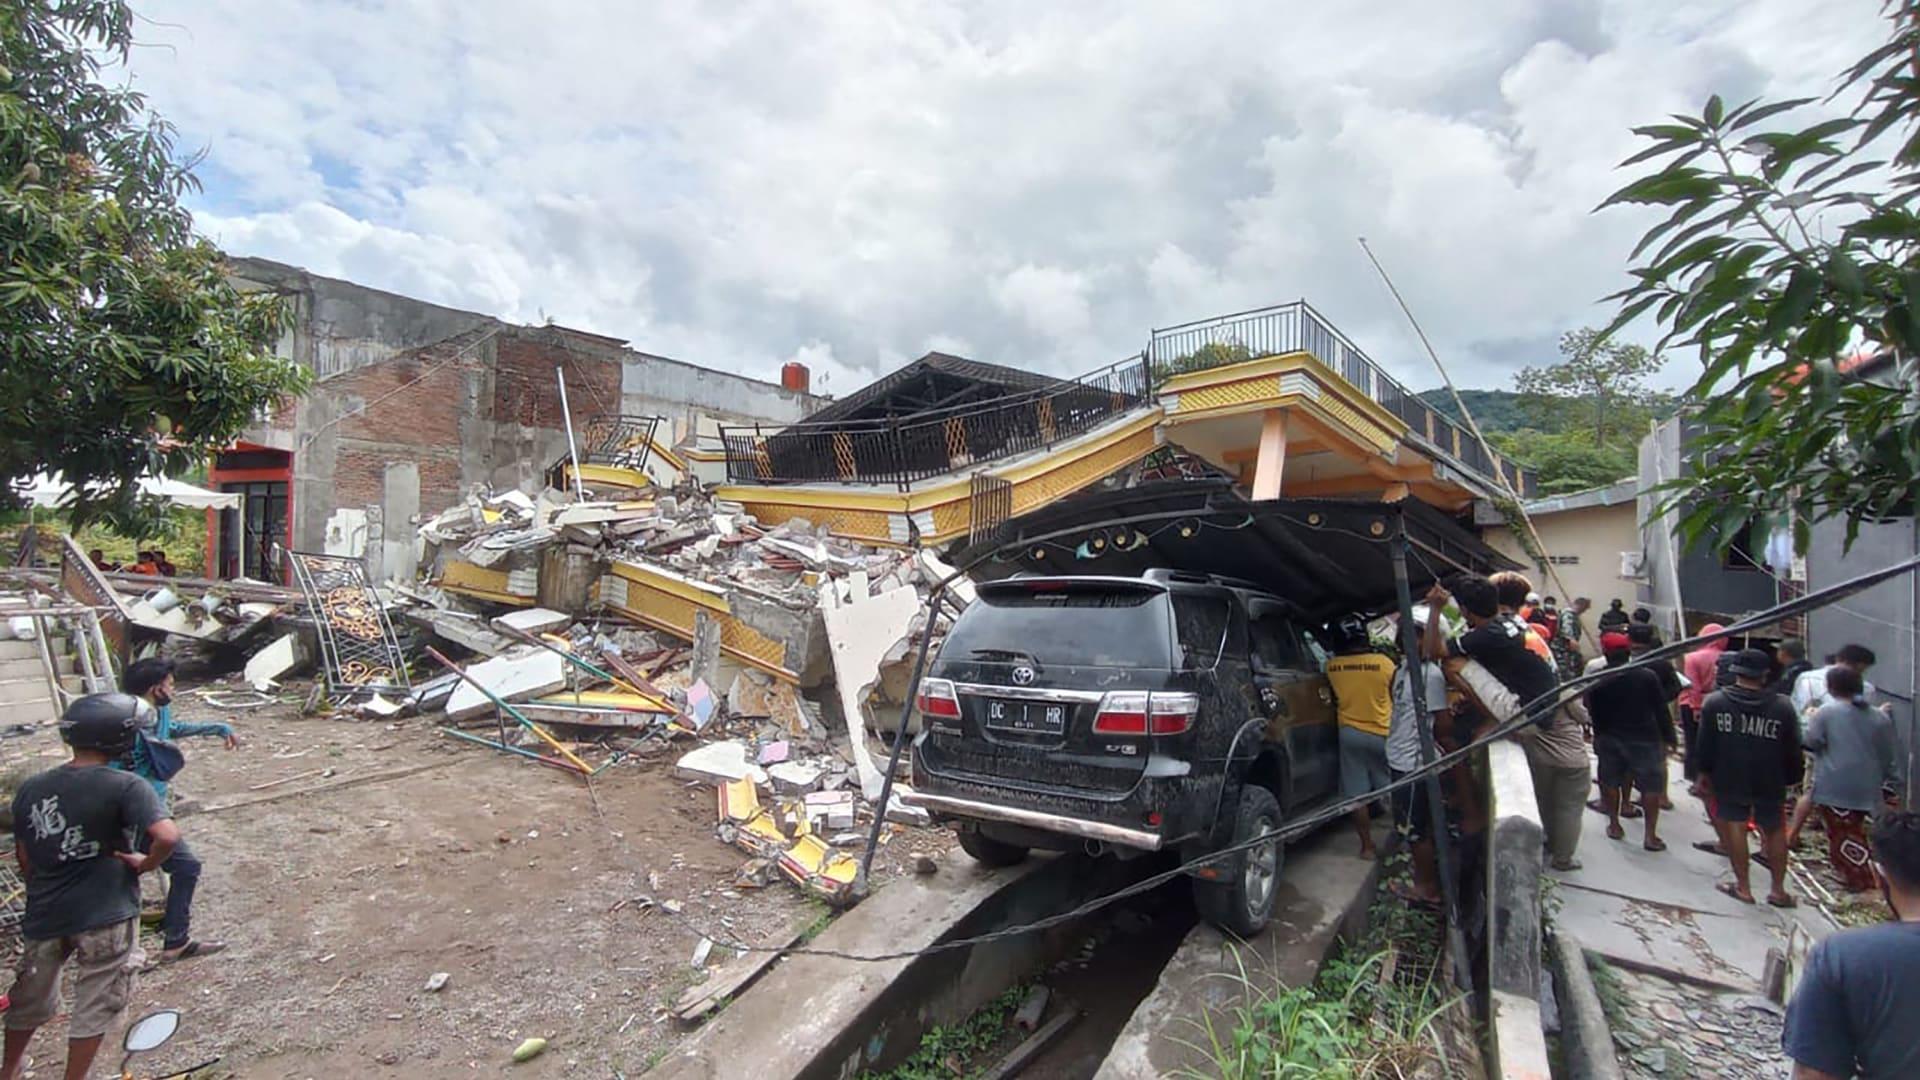 شاهد الدمار الواسع الذي خلفه زلزال إندونيسيا